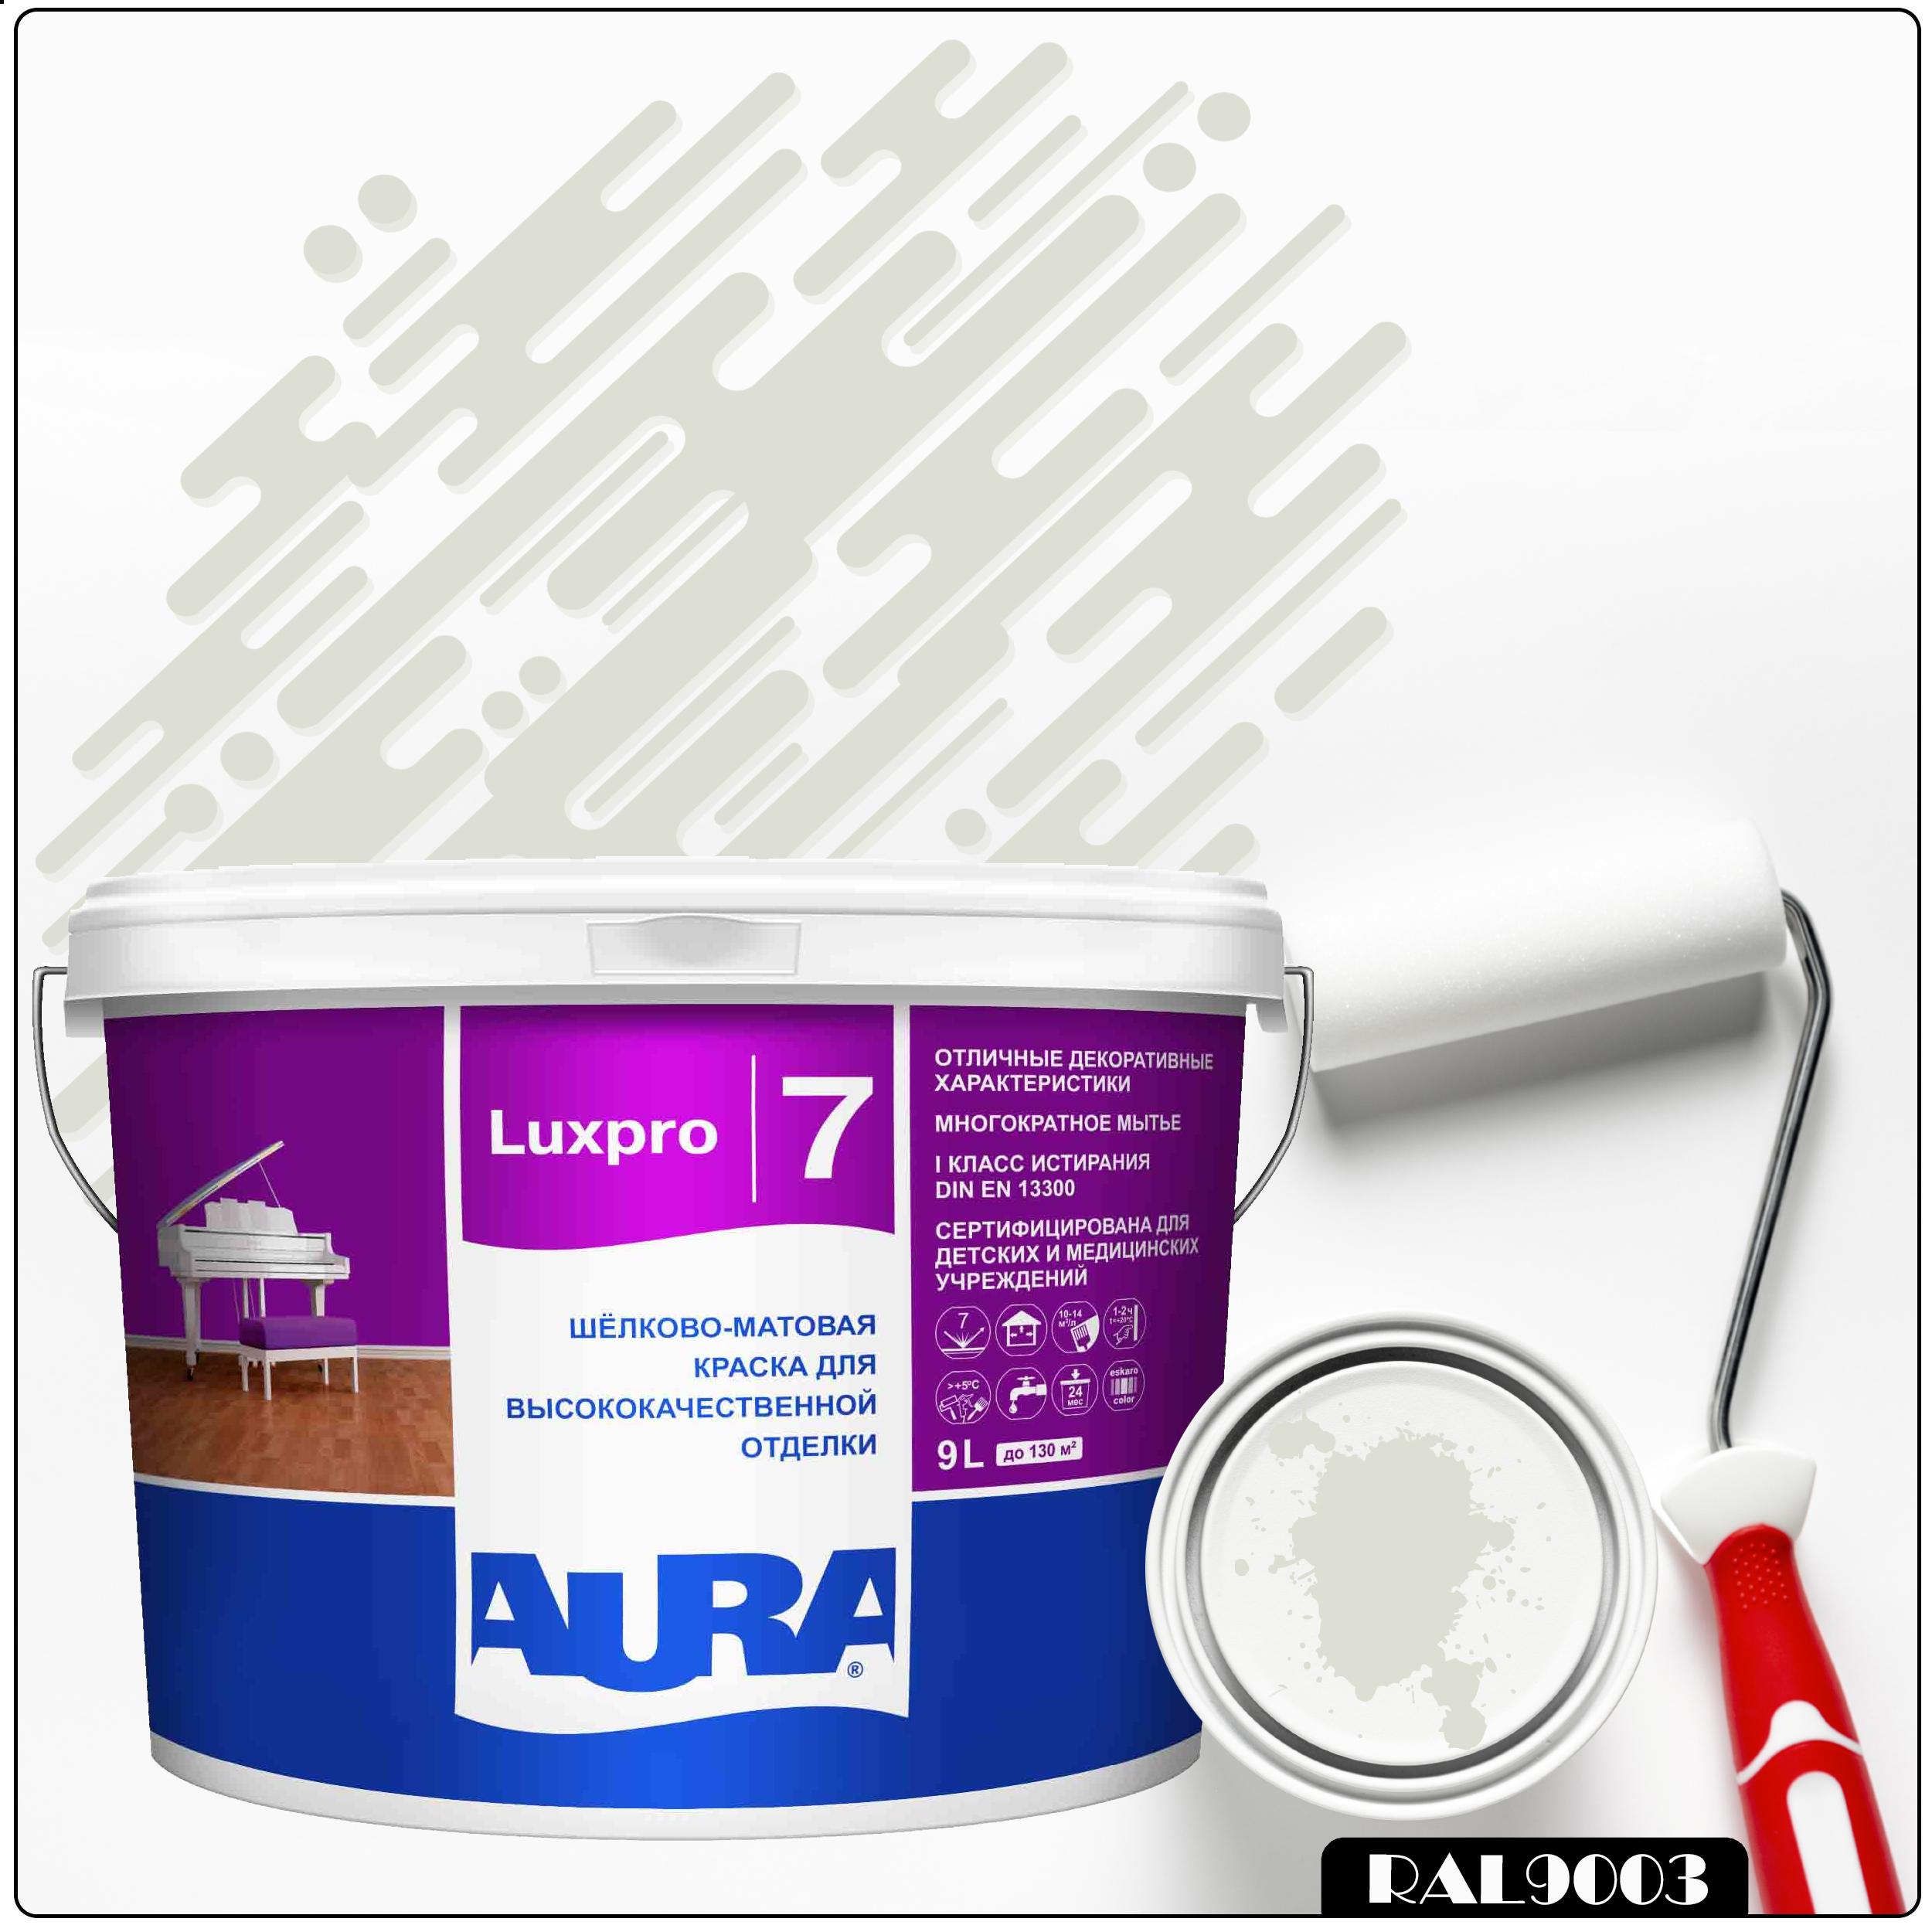 Фото 3 - Краска Aura LuxPRO 7, RAL 9003 Сигнальный белый, латексная, шелково-матовая, интерьерная, 9л, Аура.